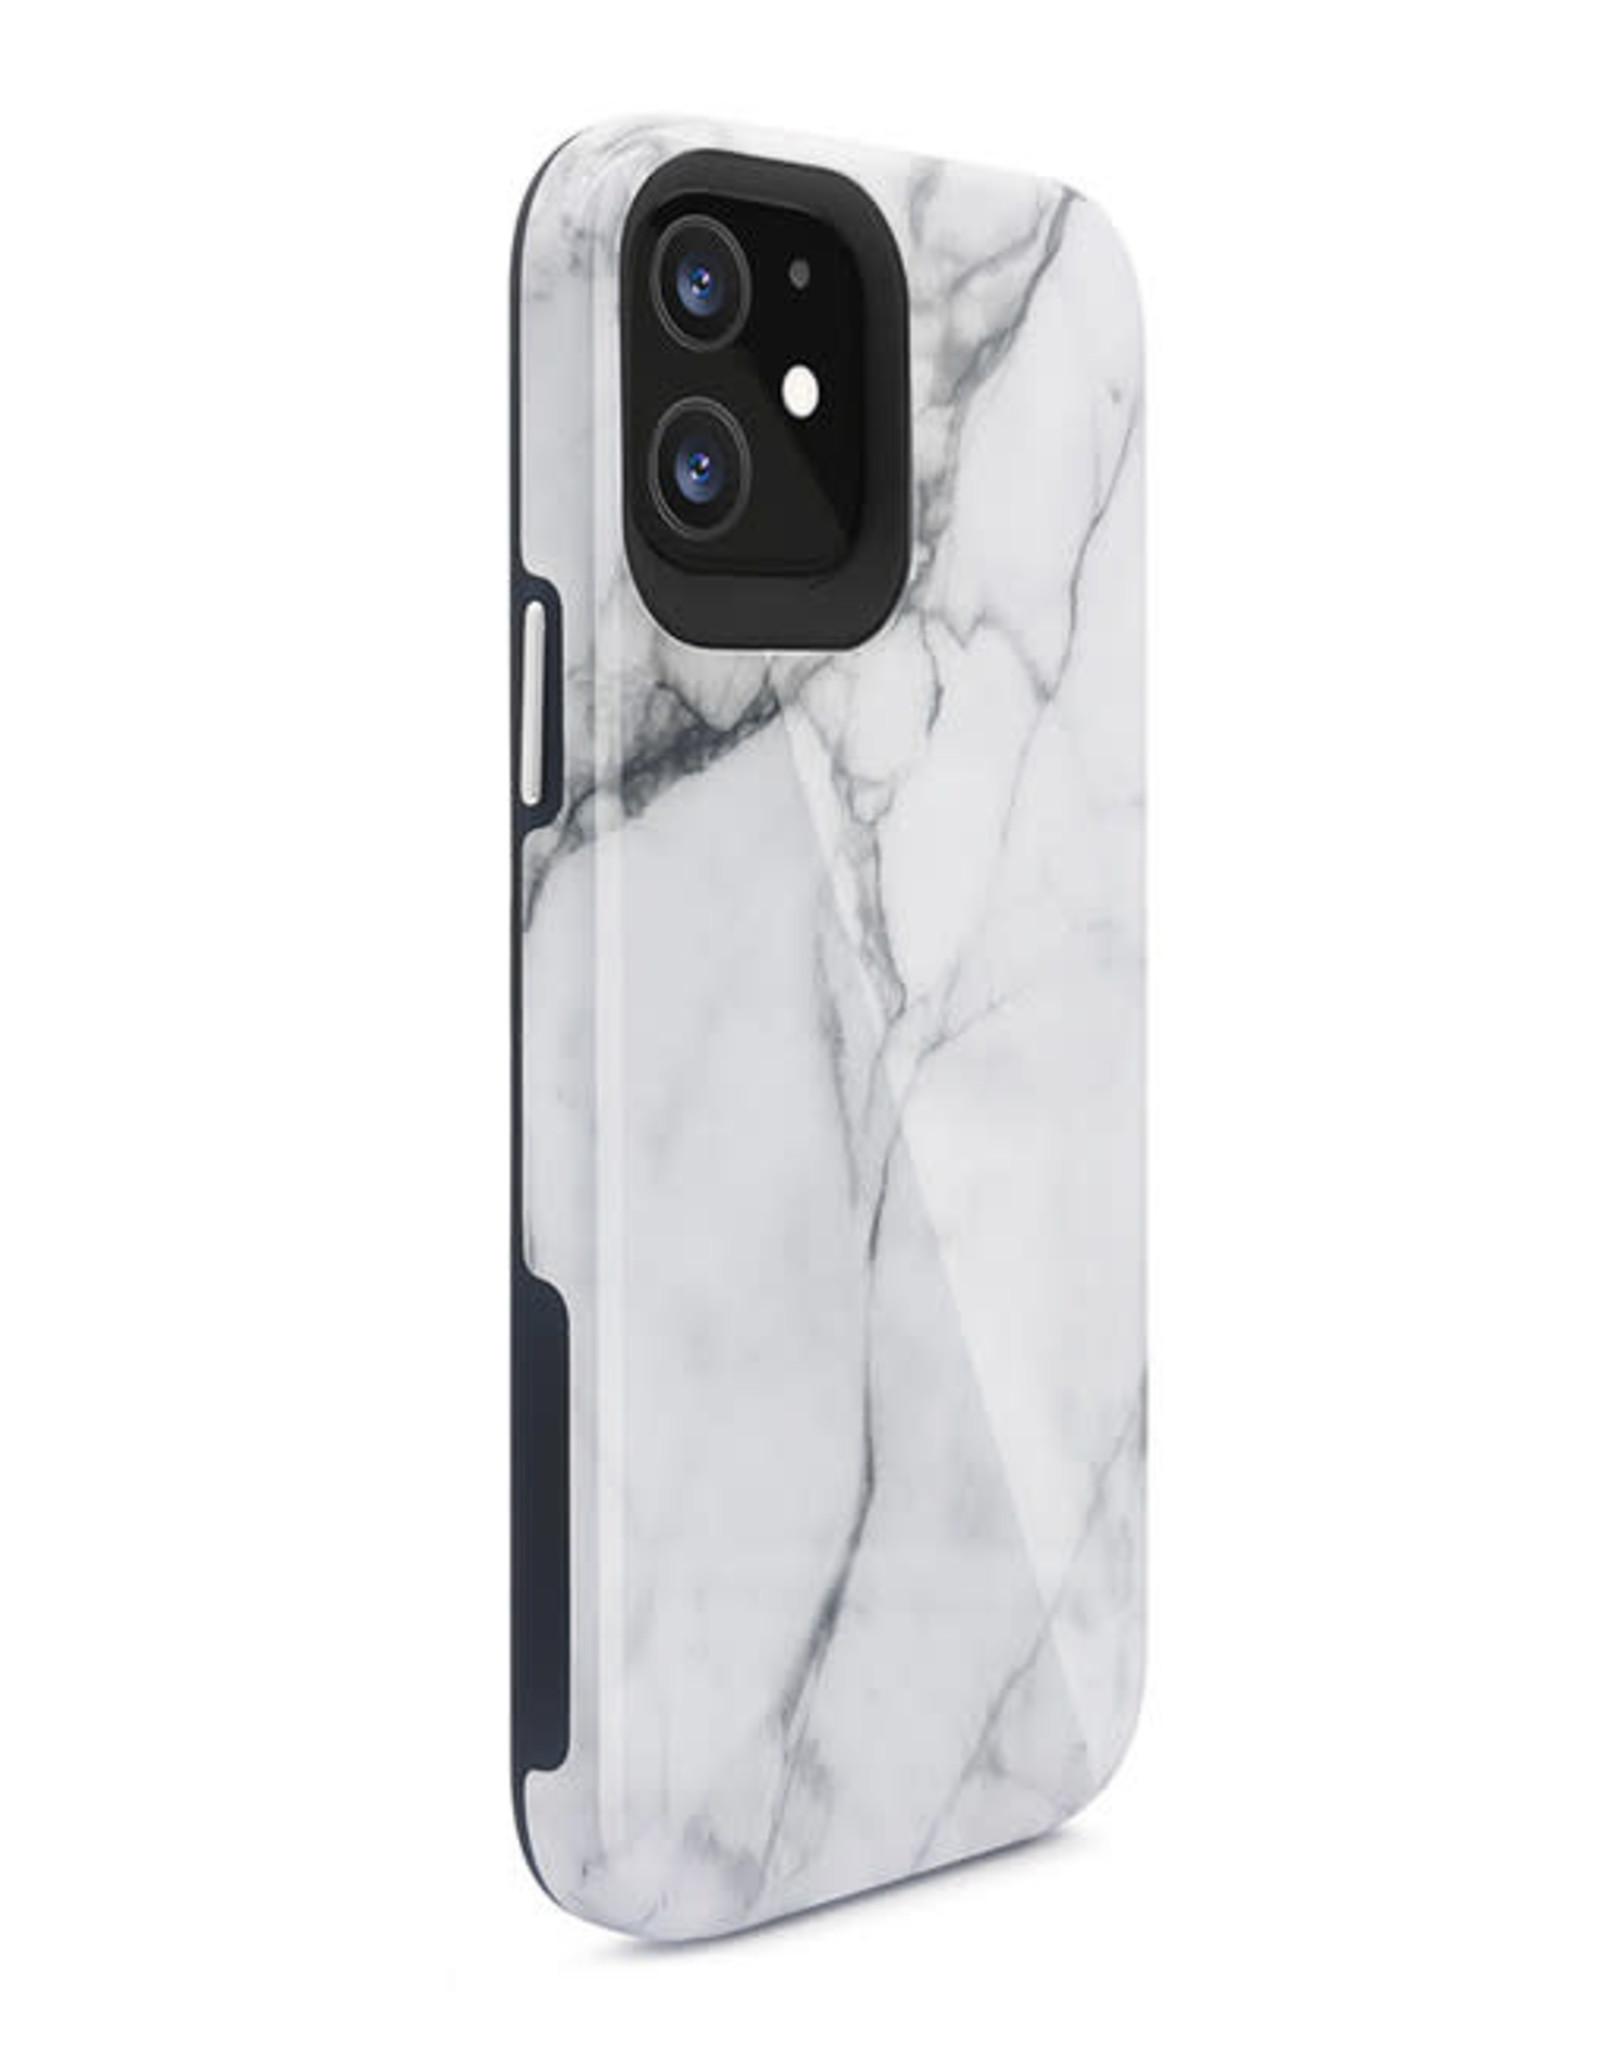 Blu Element Mist 2X iPhone 12 mini White Marble Glossy